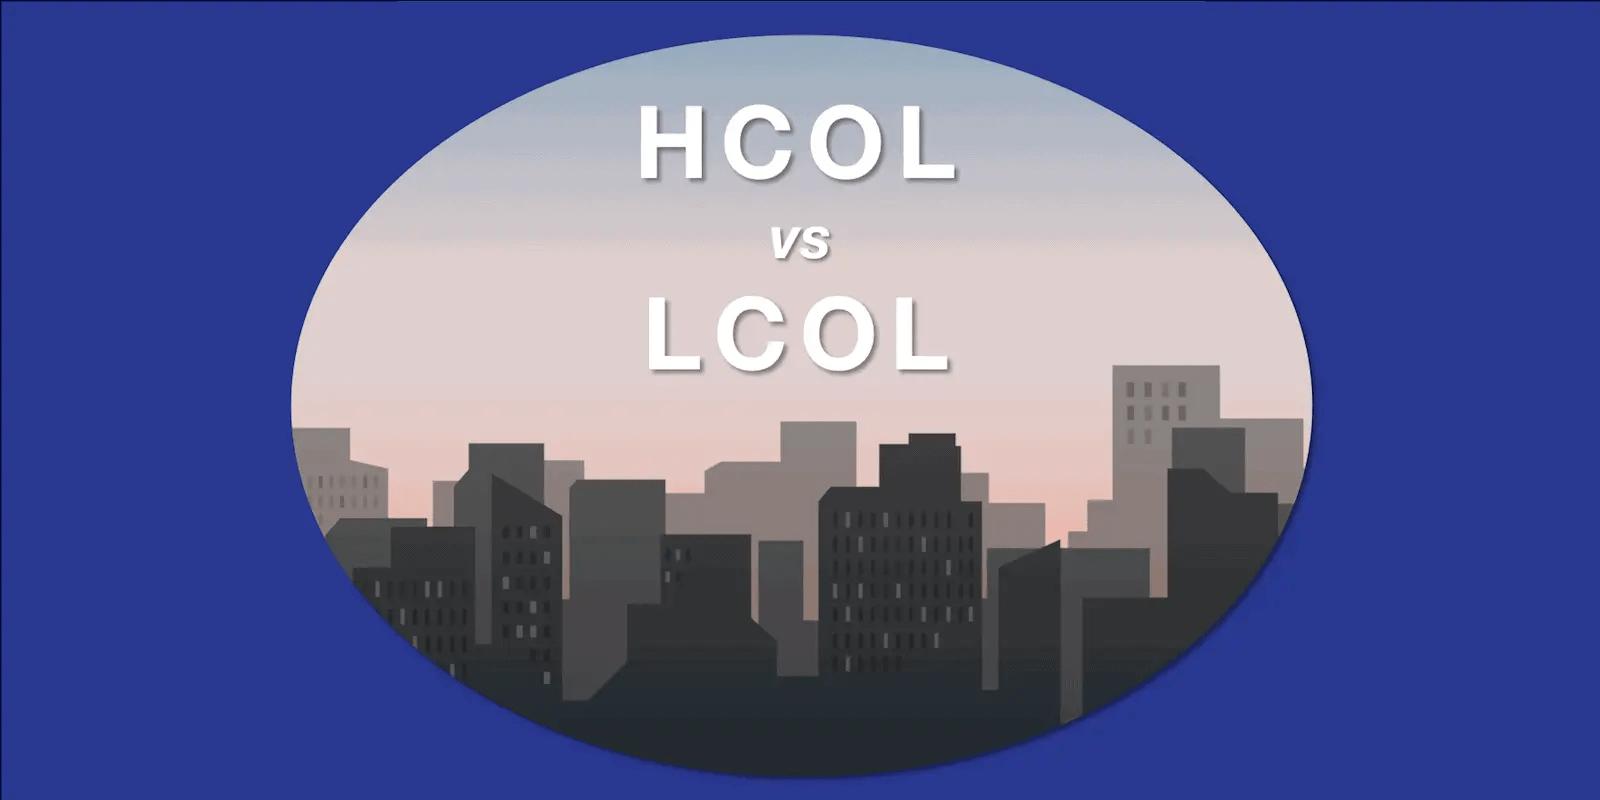 HCOL vs LCOL - Feature